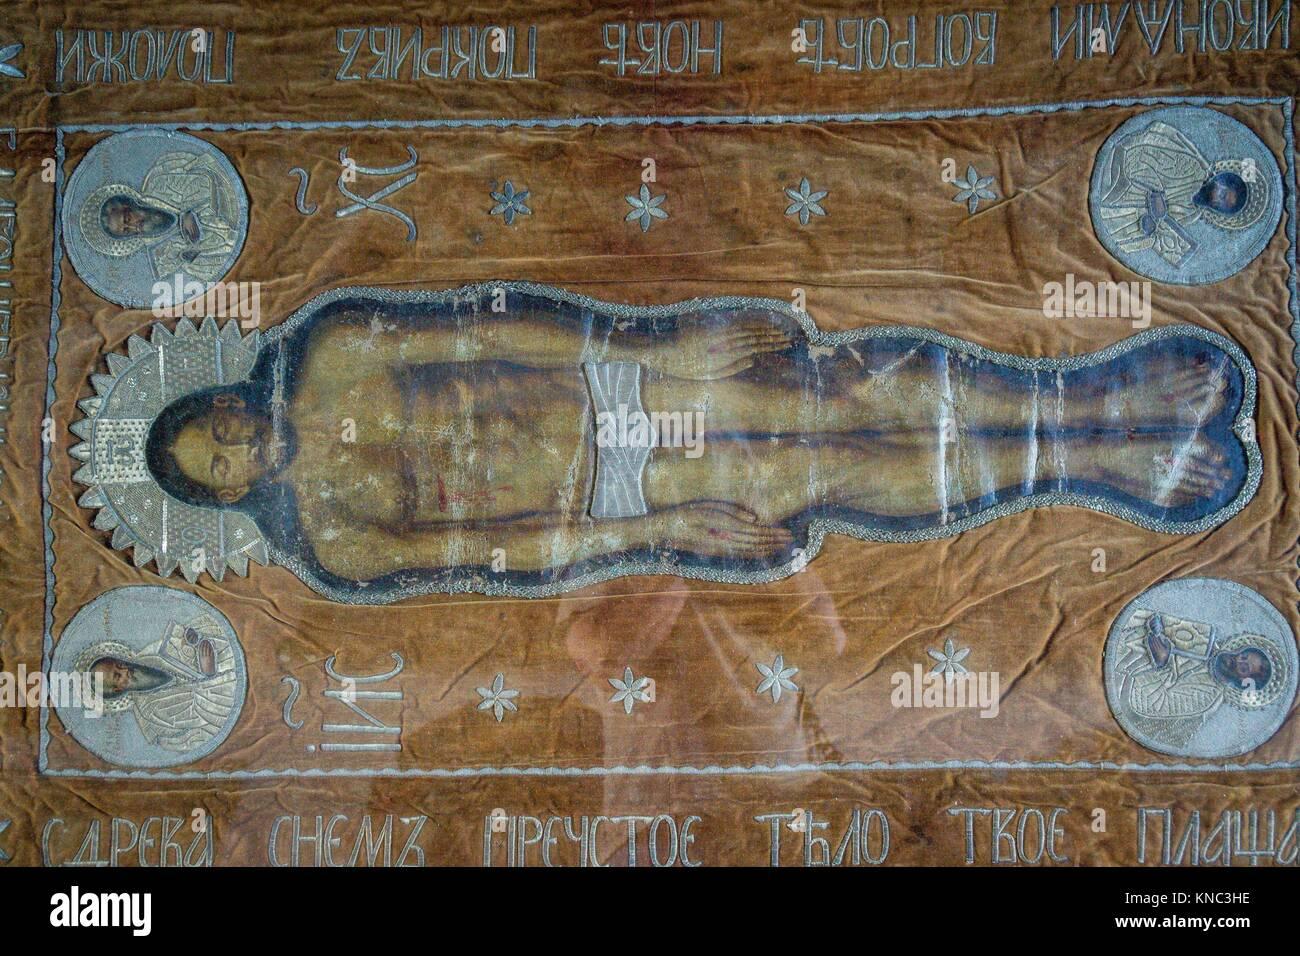 ephitaphios, siglo XIX, museo de los iconos, castillo Real, Sanok, Podkarpackie Voivodeship, Poland, Eastern Europe Stock Photo